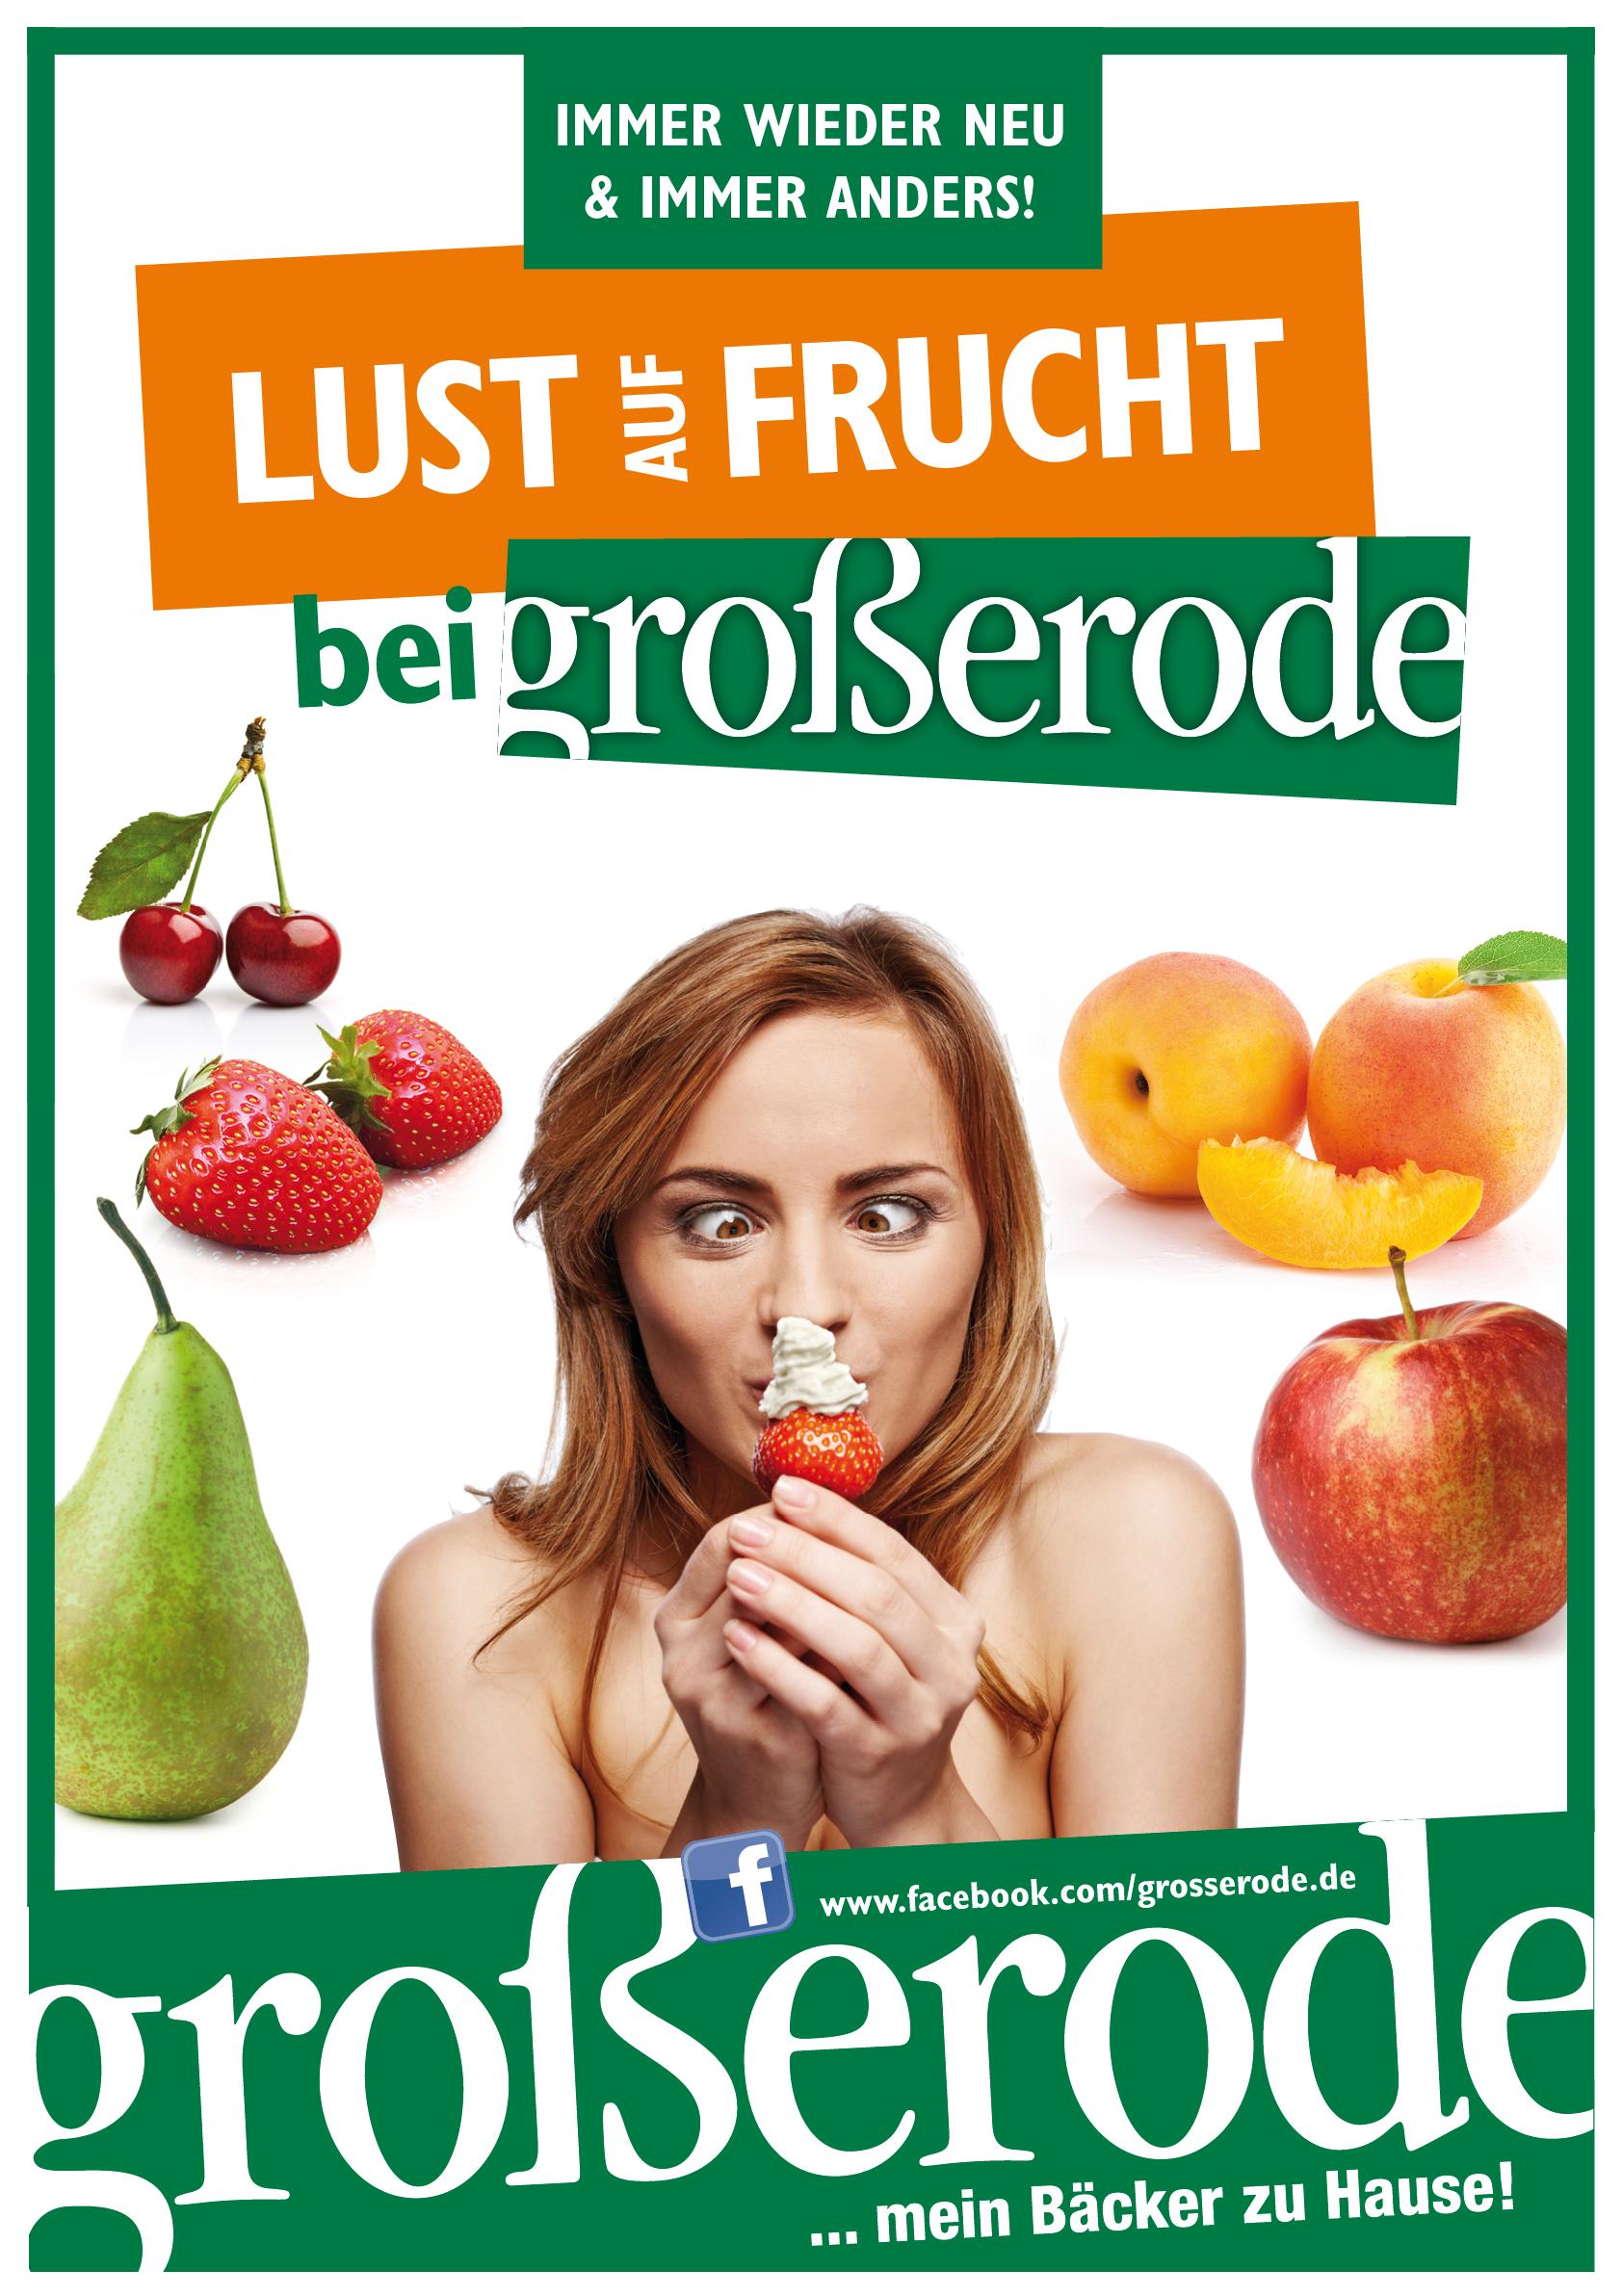 20160108_Grosserode_LustAufFrucht_Web.png